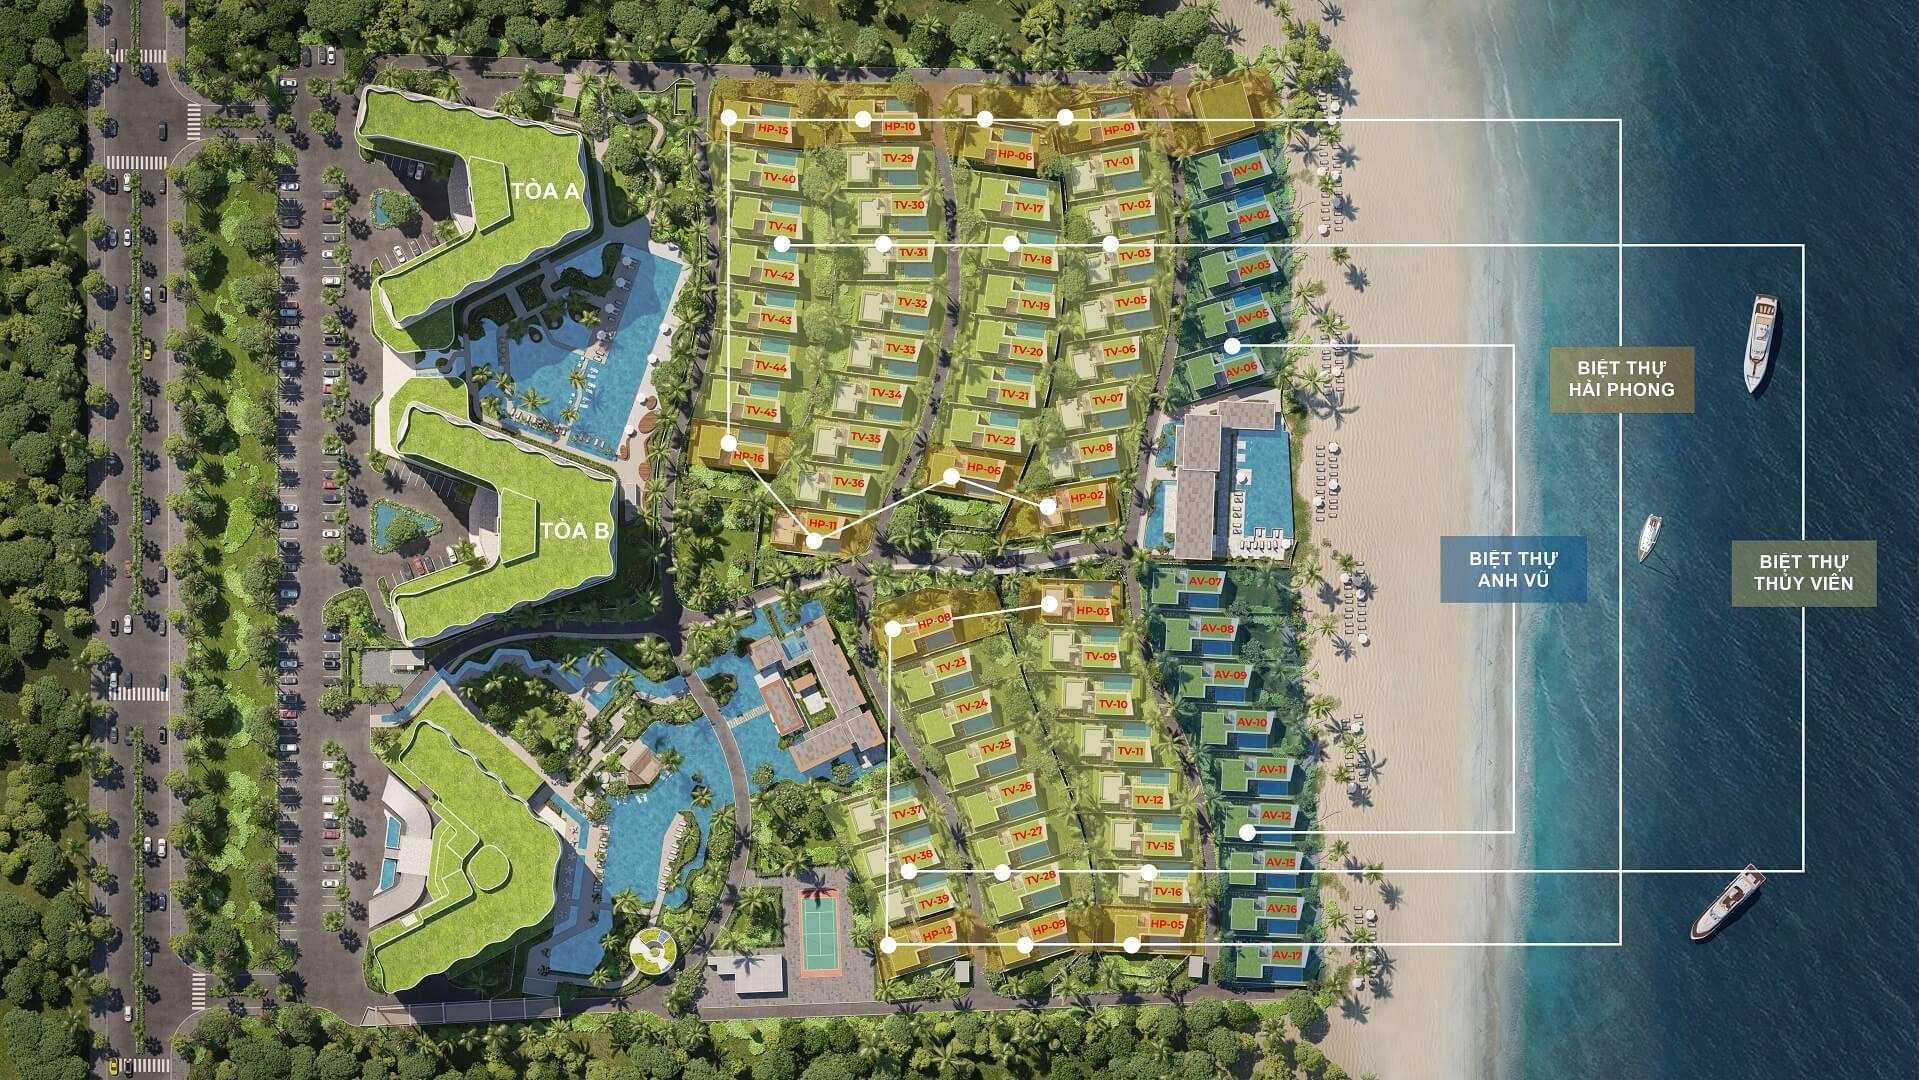 mặt bằng dự án biệt thự shantira legasea villas hội an